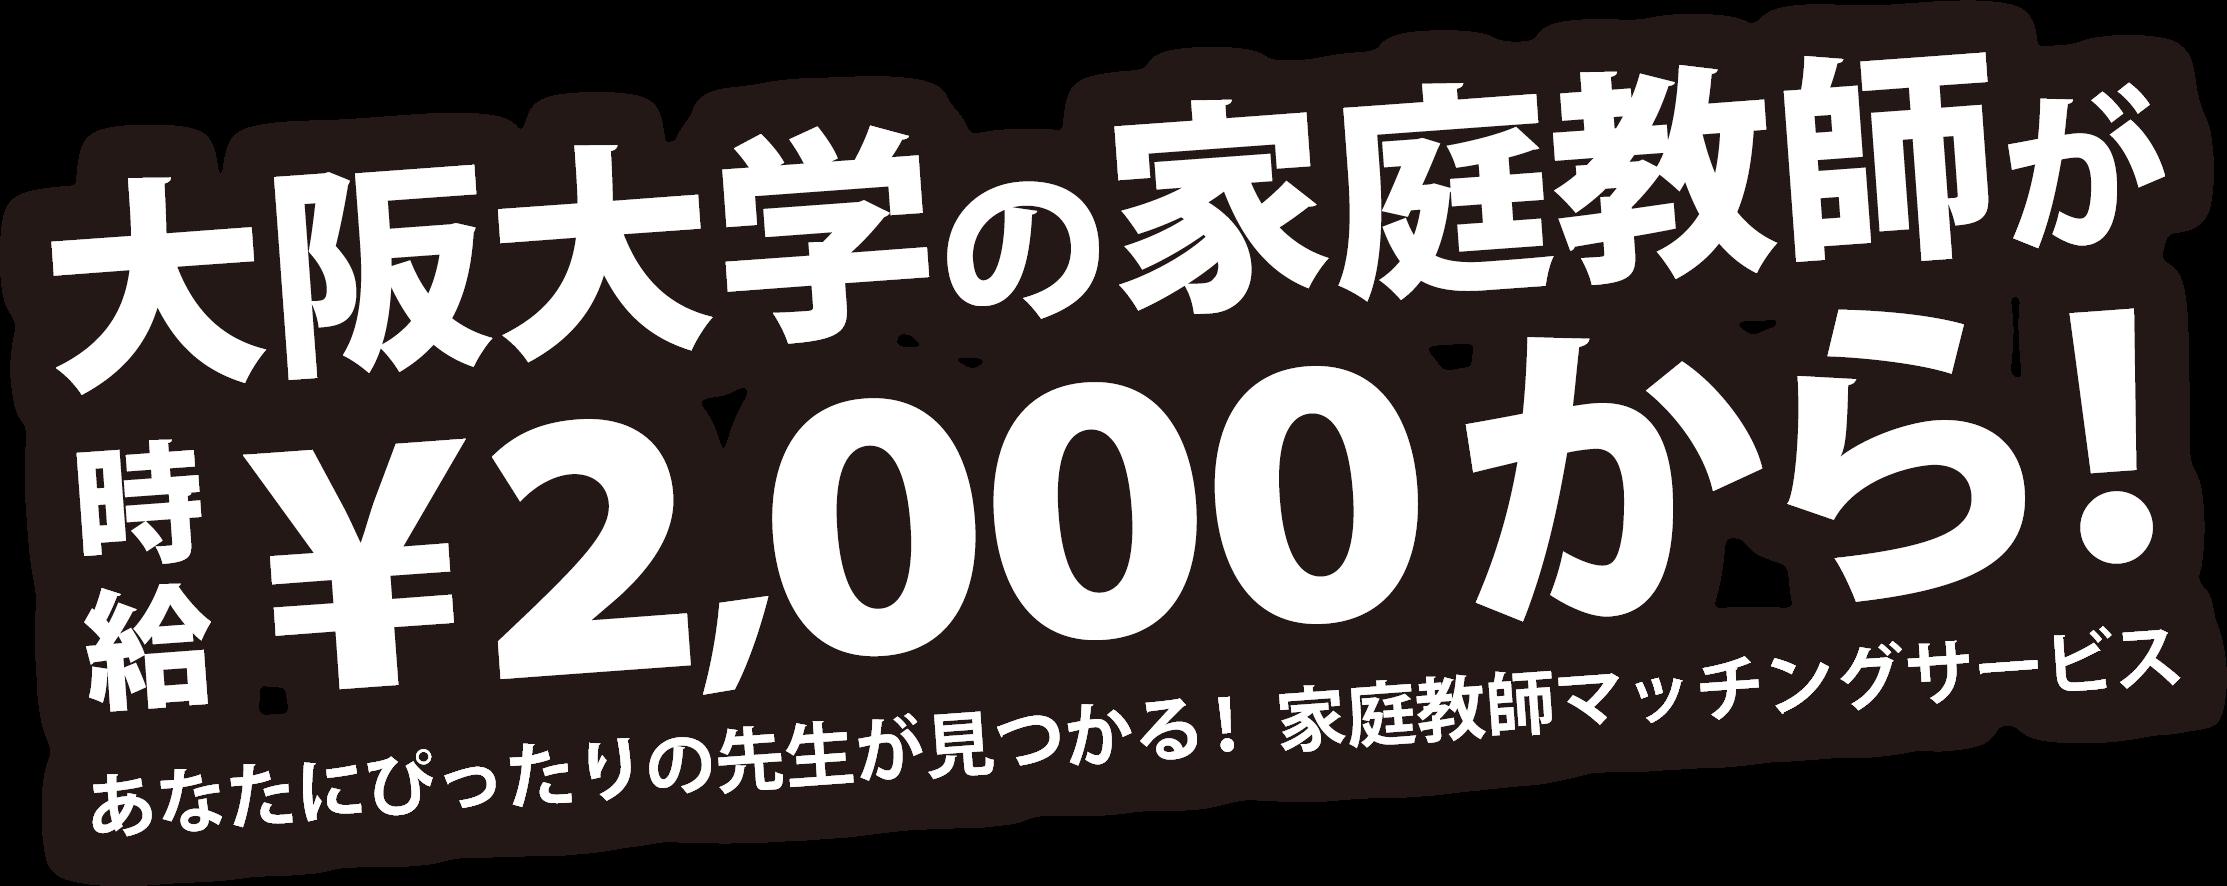 大阪大学の家庭教師が時給¥2,000から!あなたにぴったりの先生が見つかる!家庭教師マッチングサービス